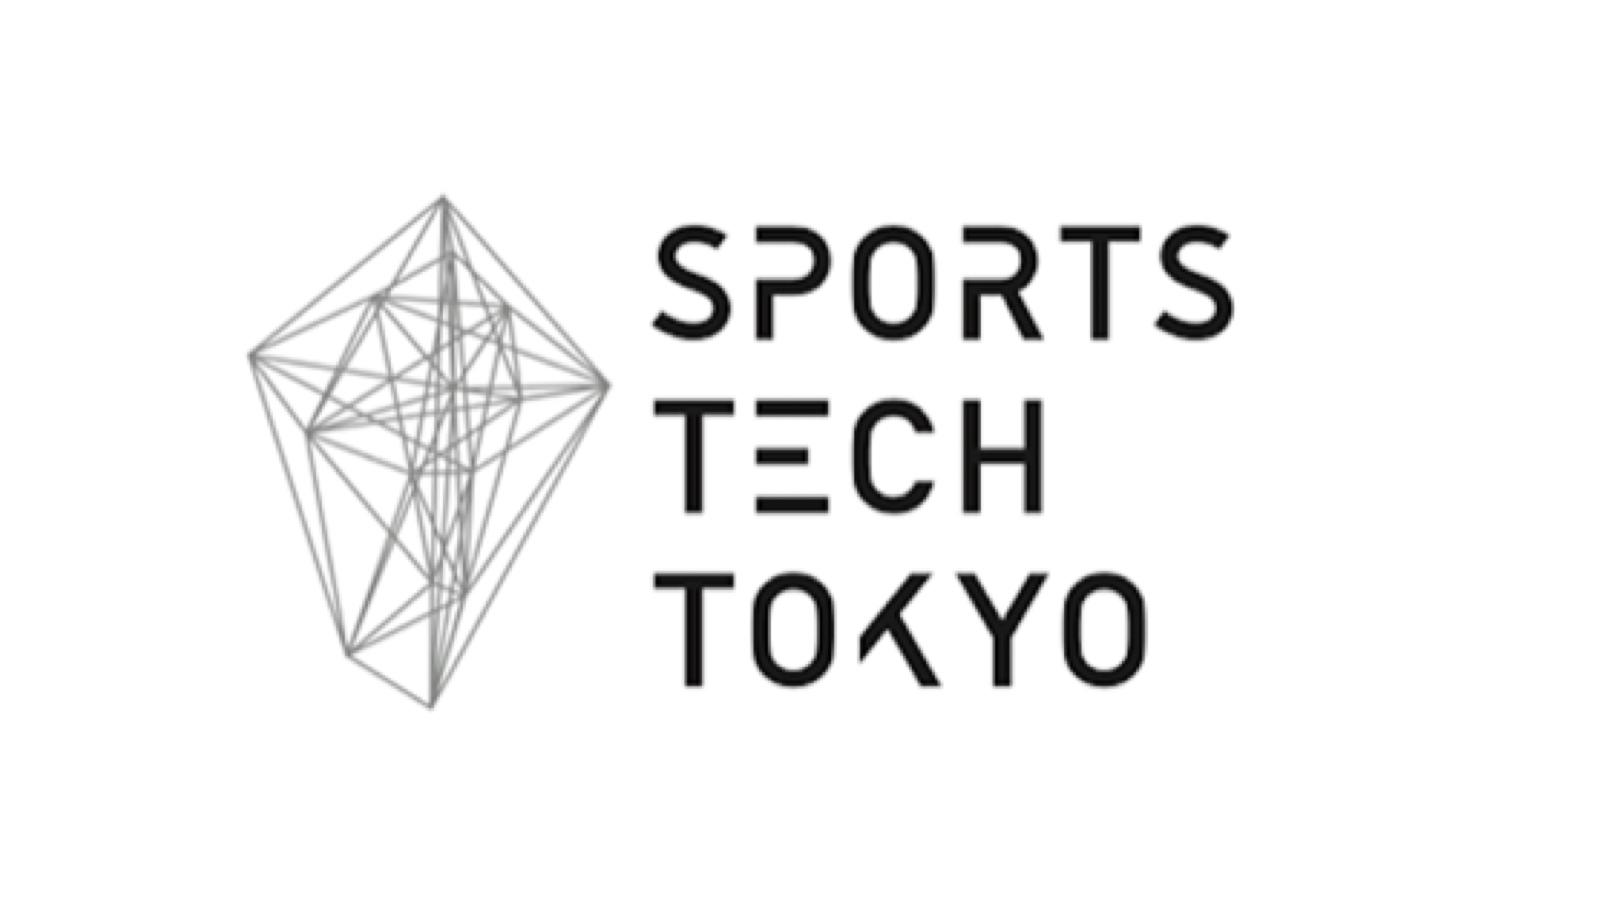 世界のスポーツ系スタートアップを支援するプログラム「SPORTS TECH TOKYO」ーーファイナリストとして12社を選出